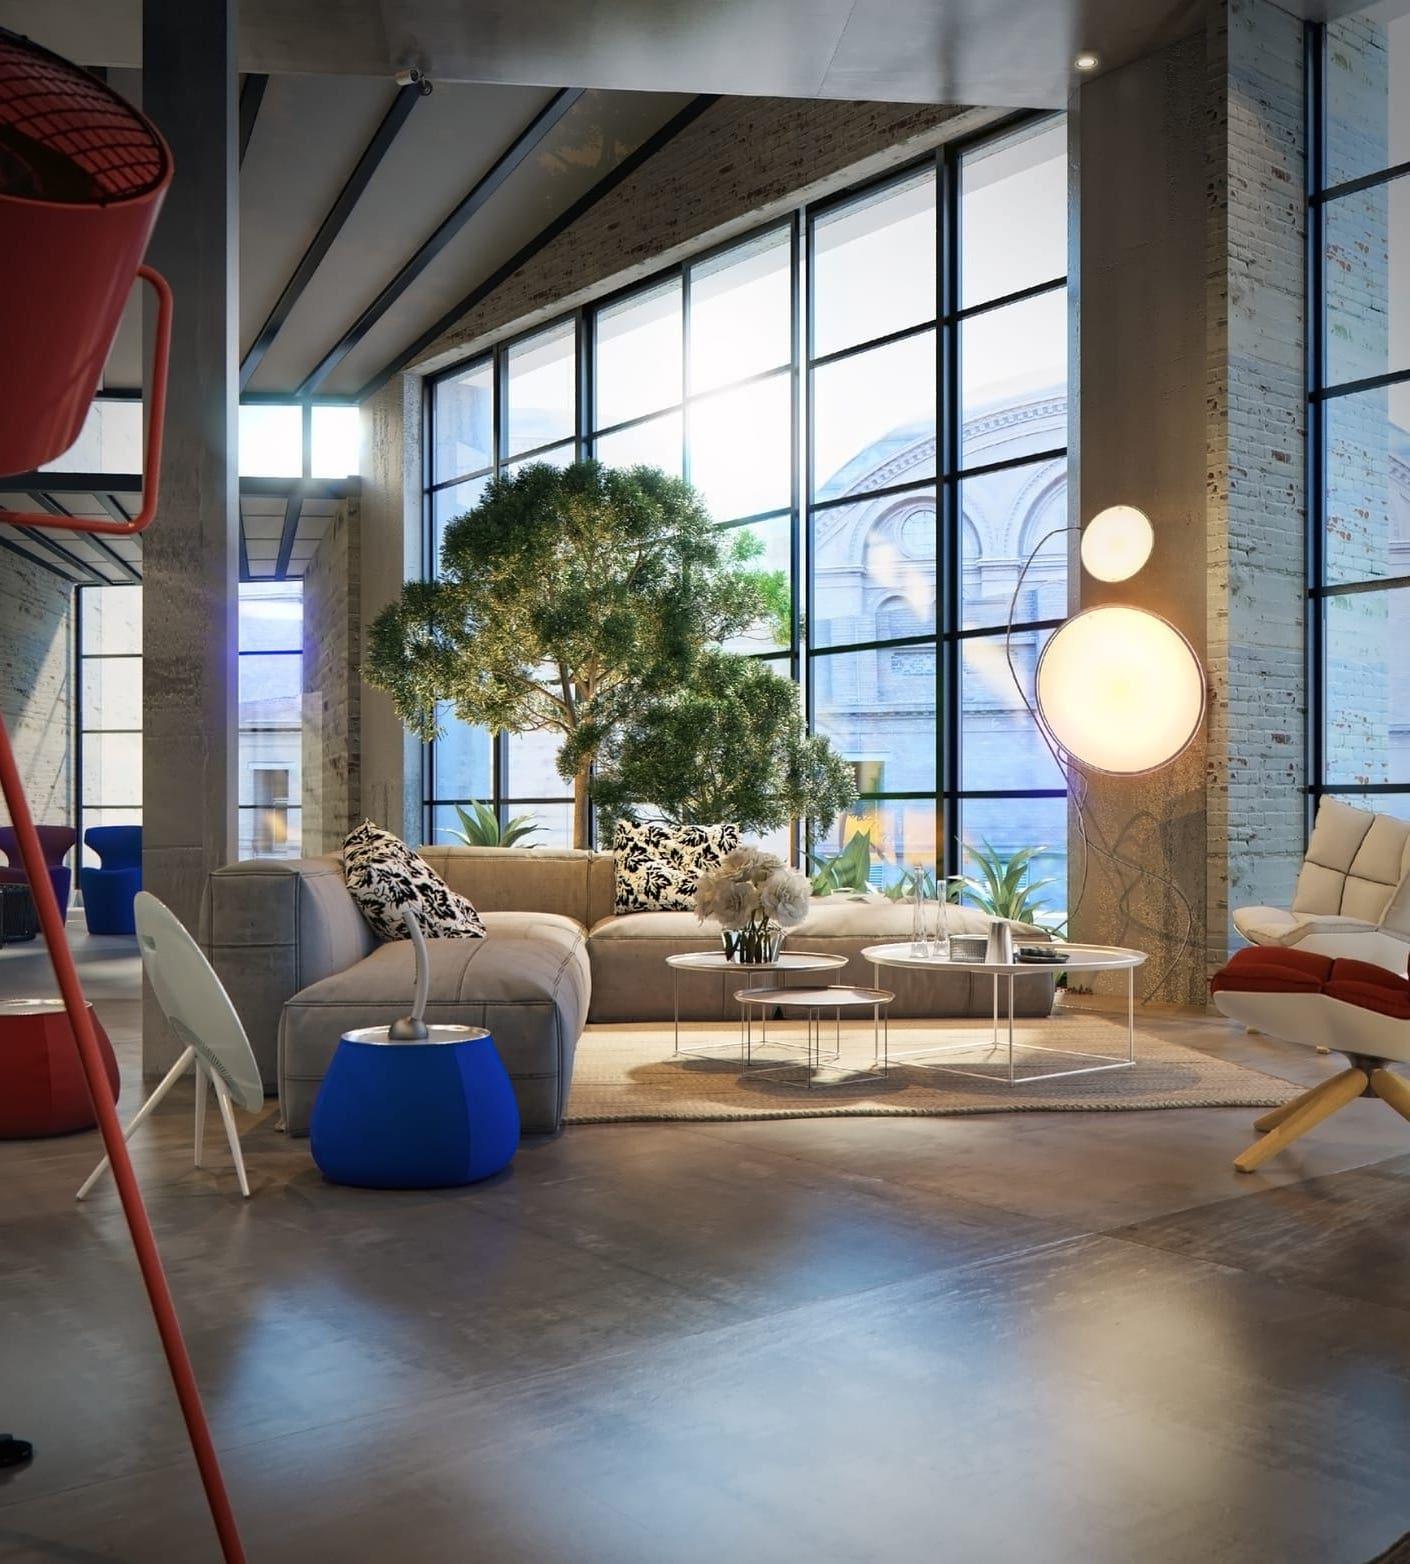 Декоративные комнатные растения - новый тренд в дизайне модных лофт интерьеров